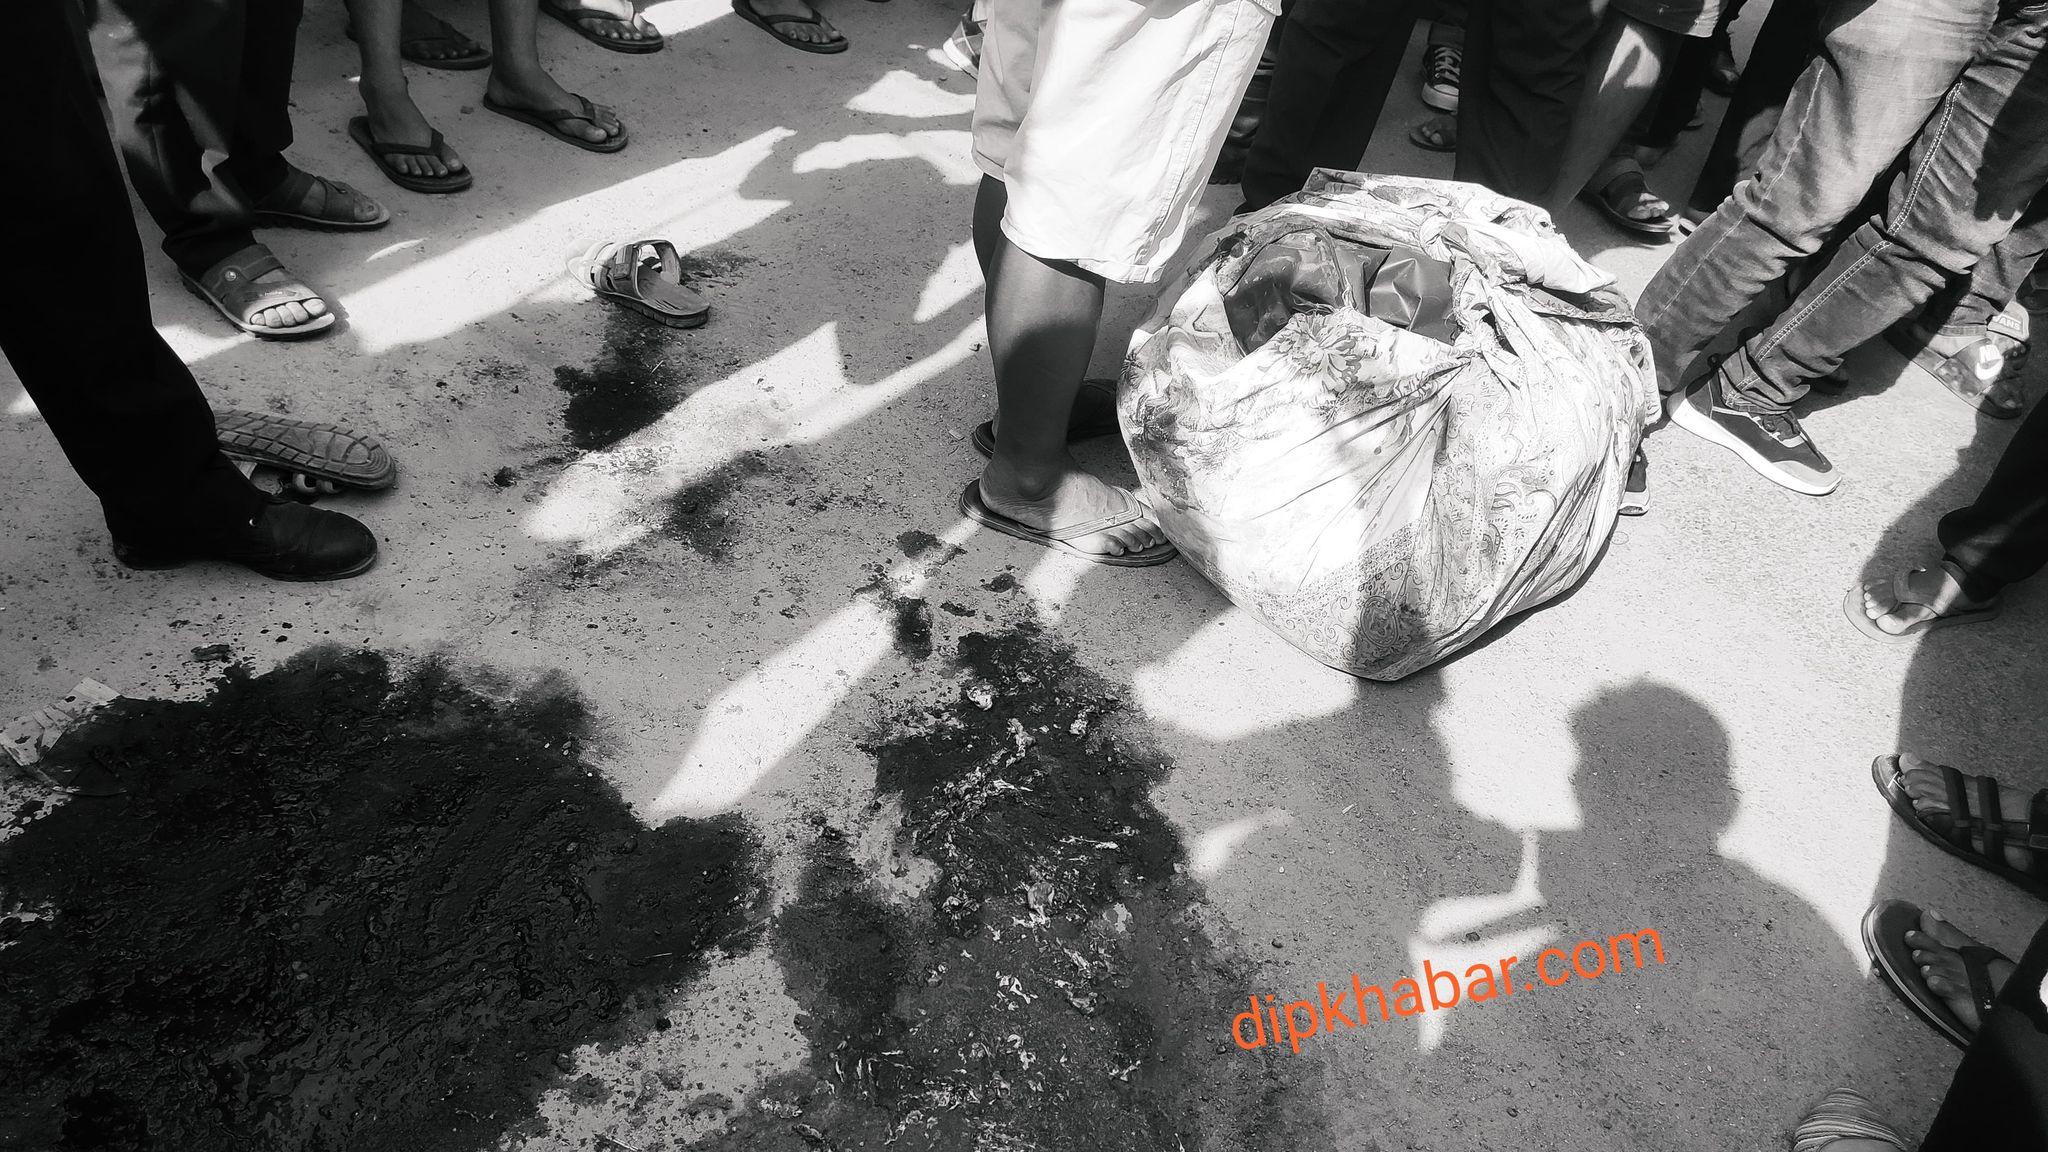 टिपरको ठक्करबाट इटहरीमा एक जनाको घटनास्थलमै मृत्यु, आफन्तले गरे सडक चक्काजाम